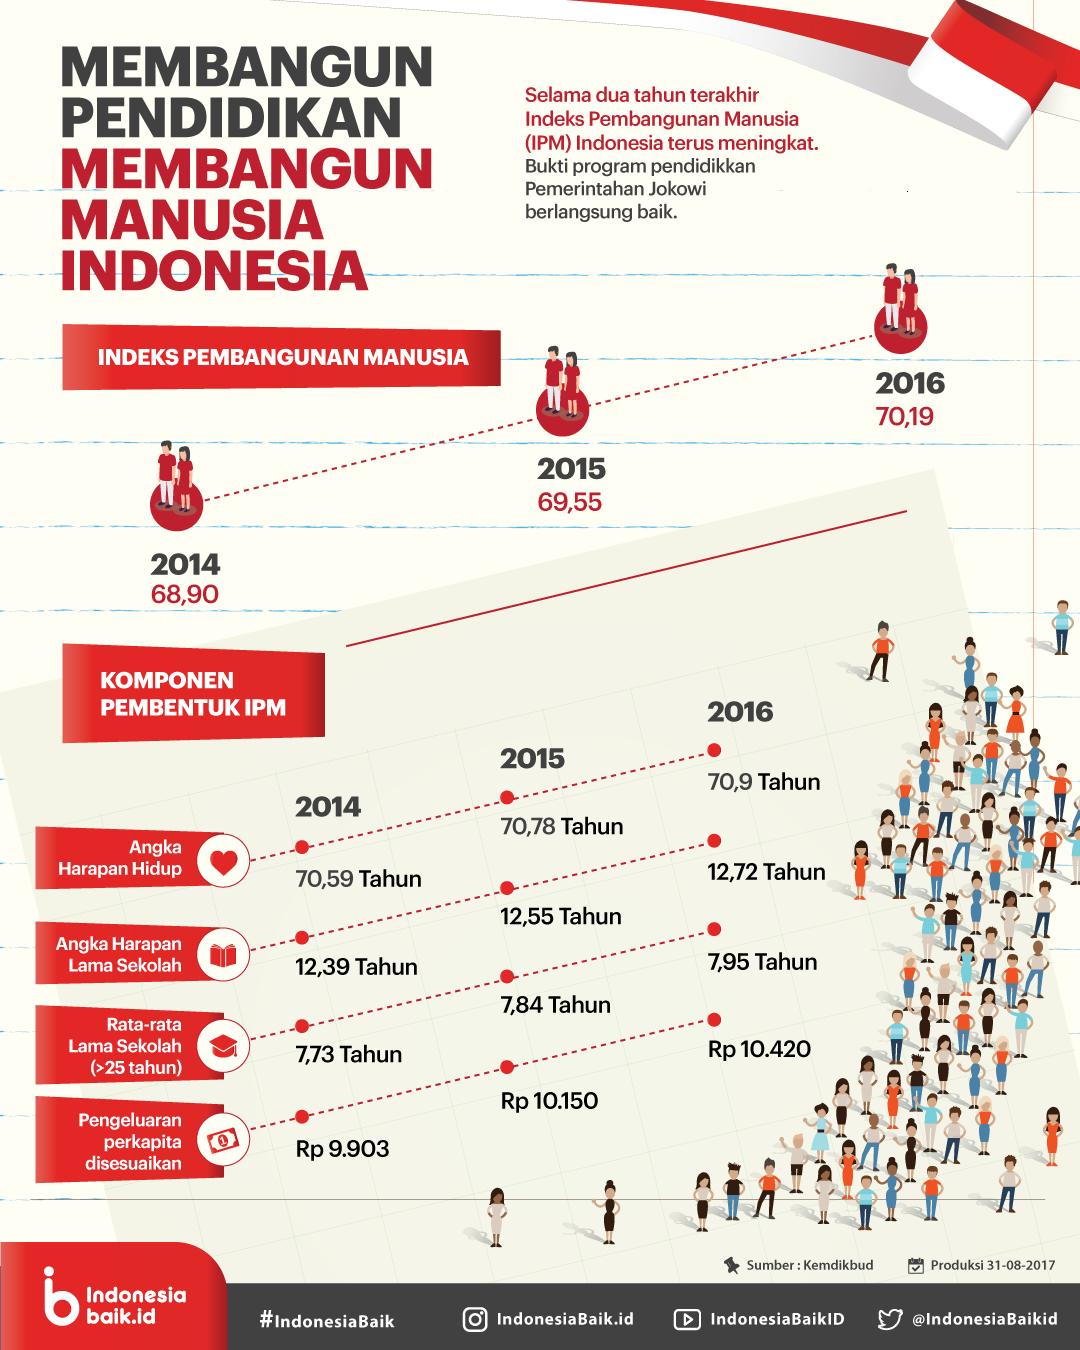 Membangun Pendidikan Indonesia